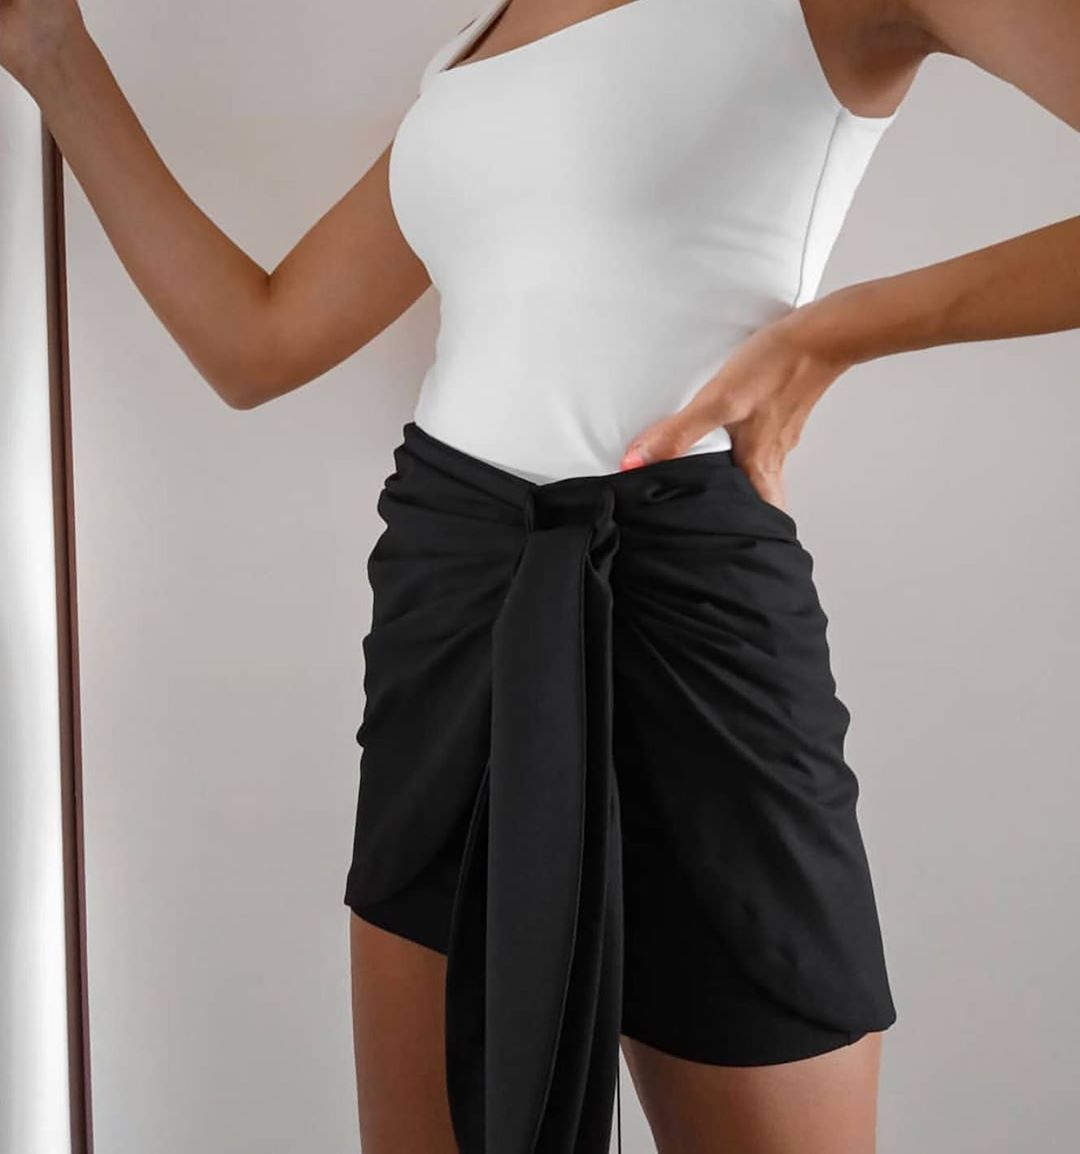 mini skirt with bow de Zara sur zaraaddiction